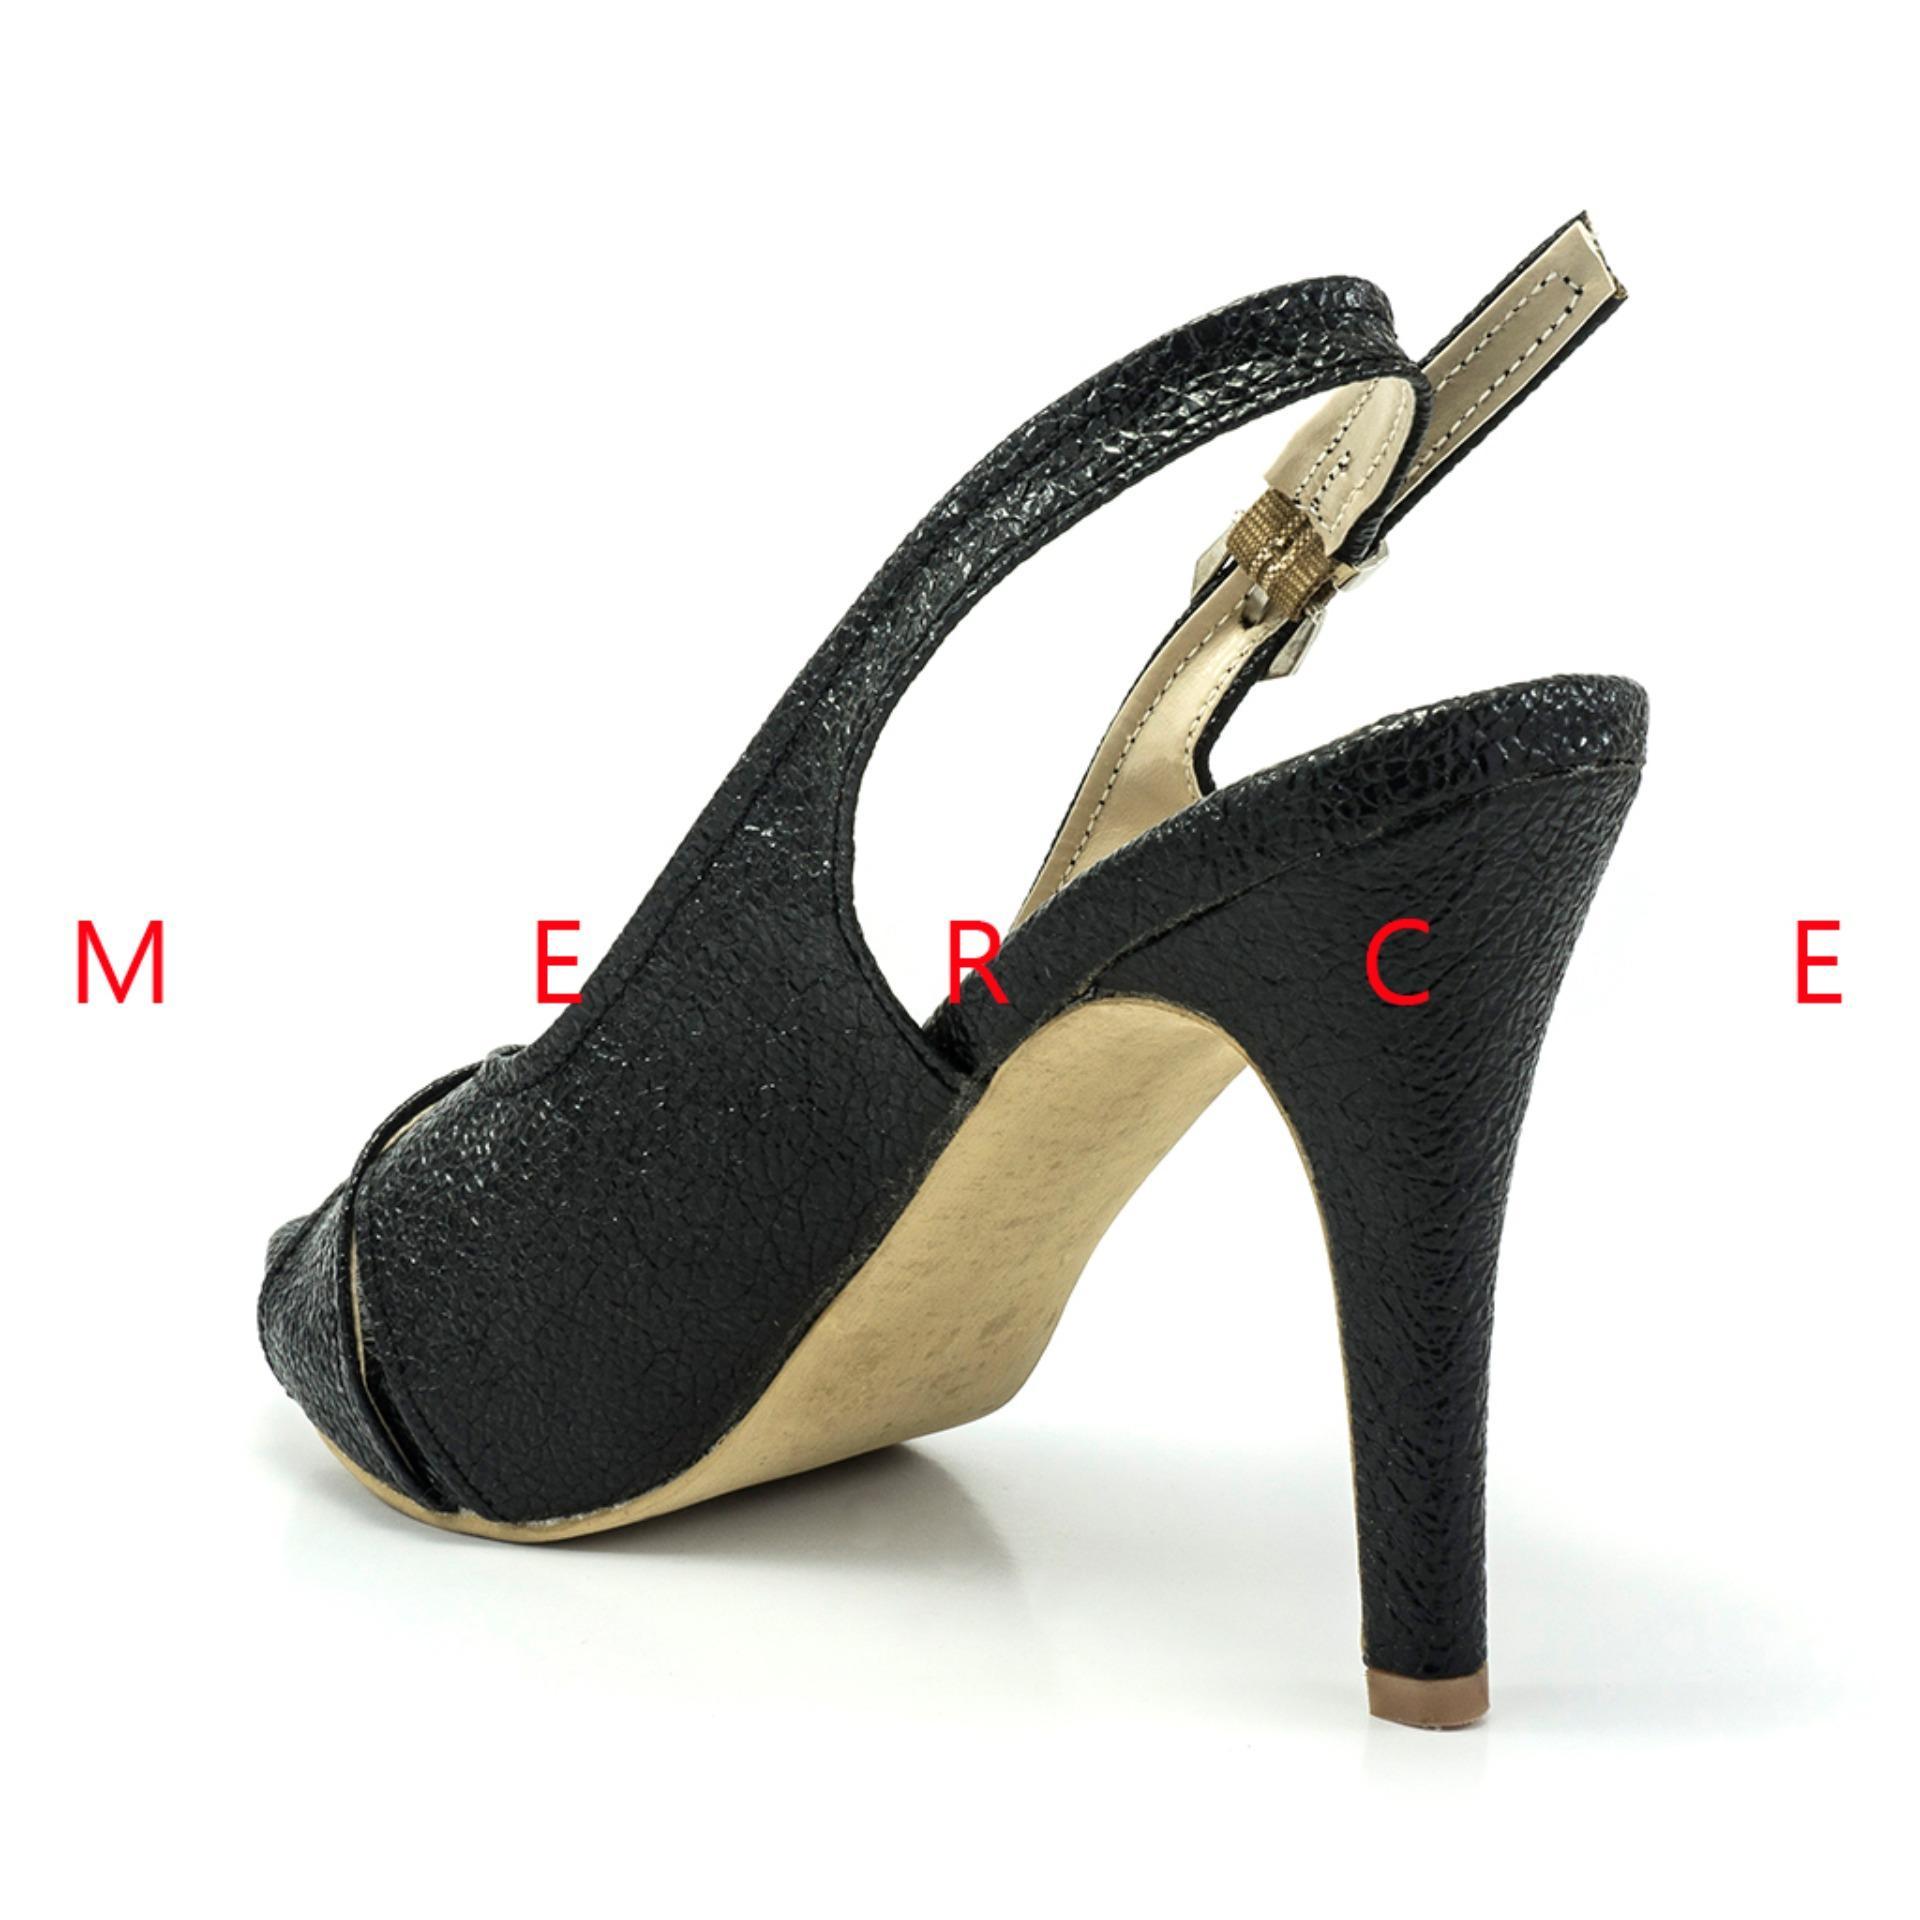 Isabel - Sepatu Wanita Hak Tinggi BRENDA Heels - Hitam ...